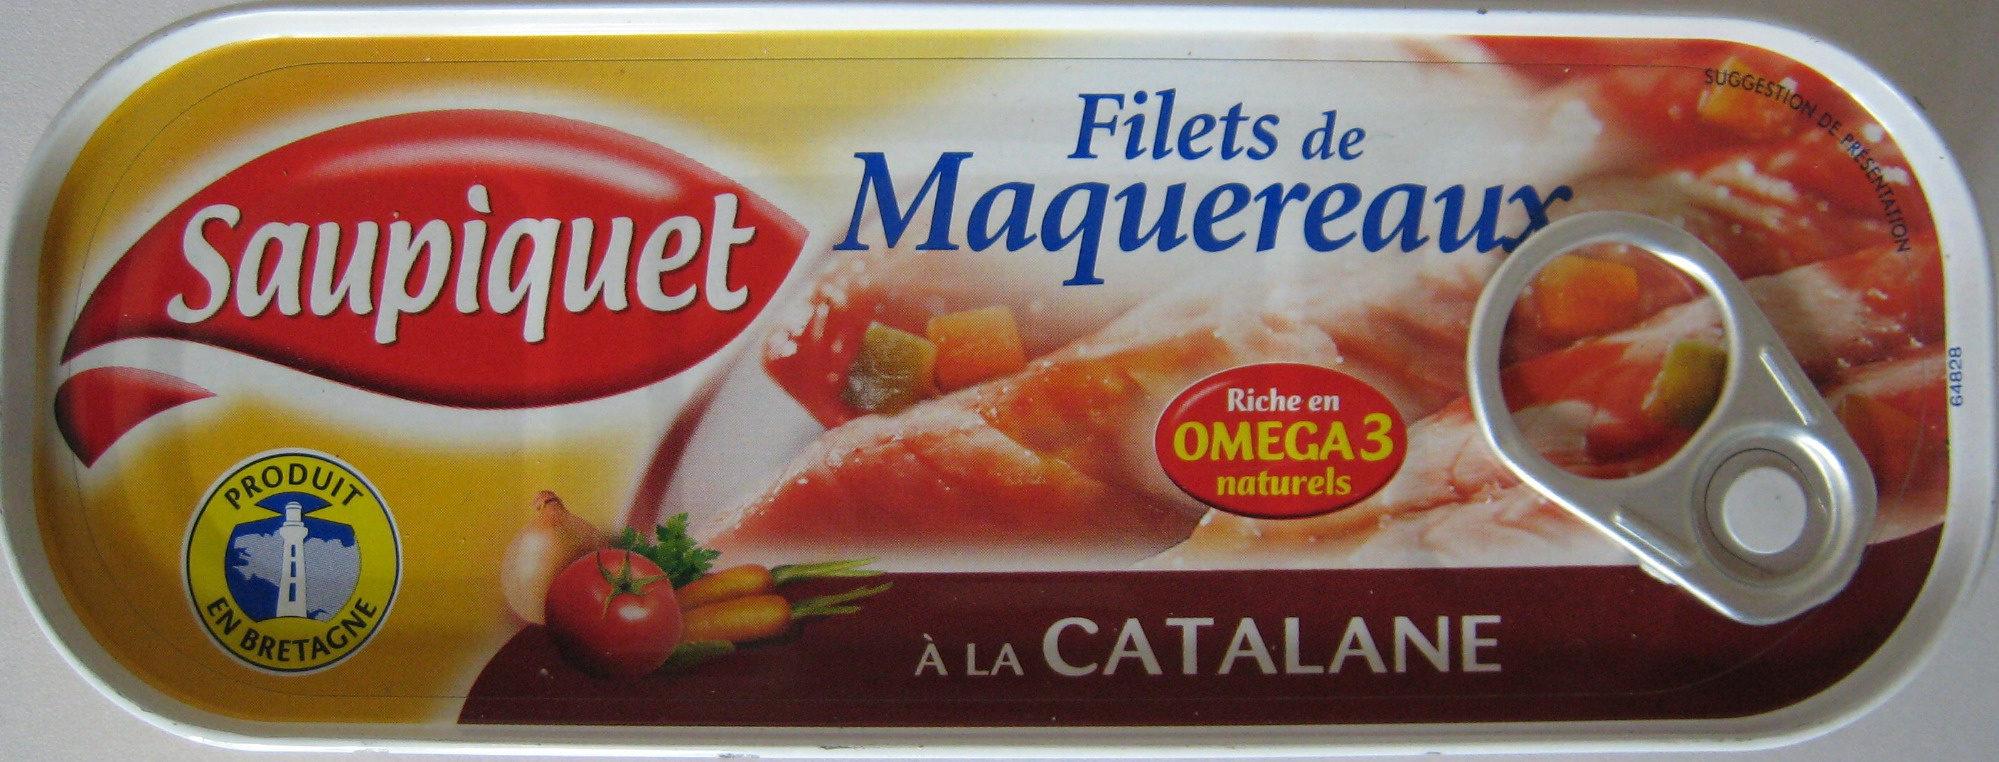 Filets de maquereaux à la sauce catalane - Product - fr